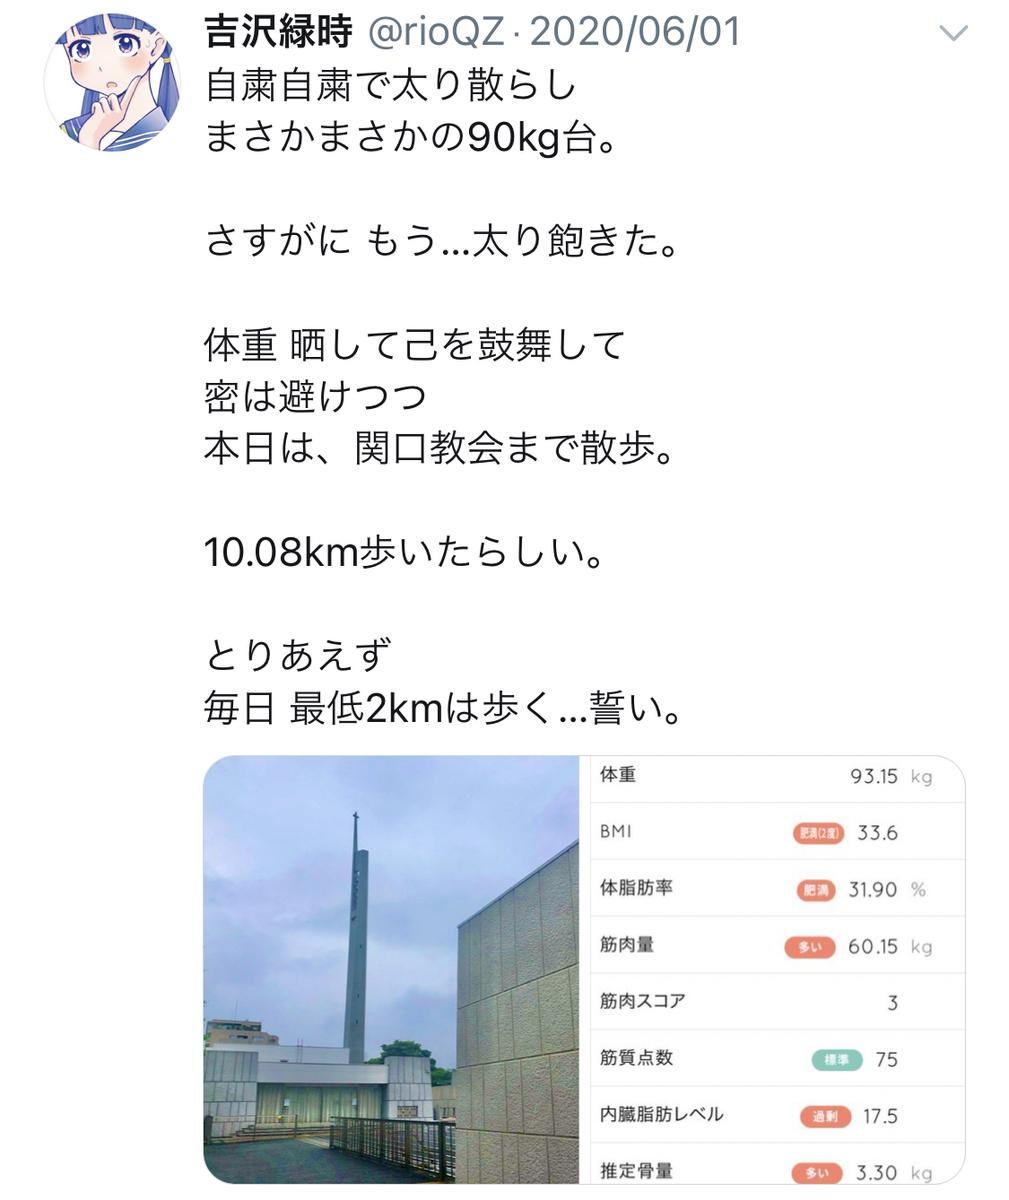 f:id:ryokuji:20201210122017j:plain